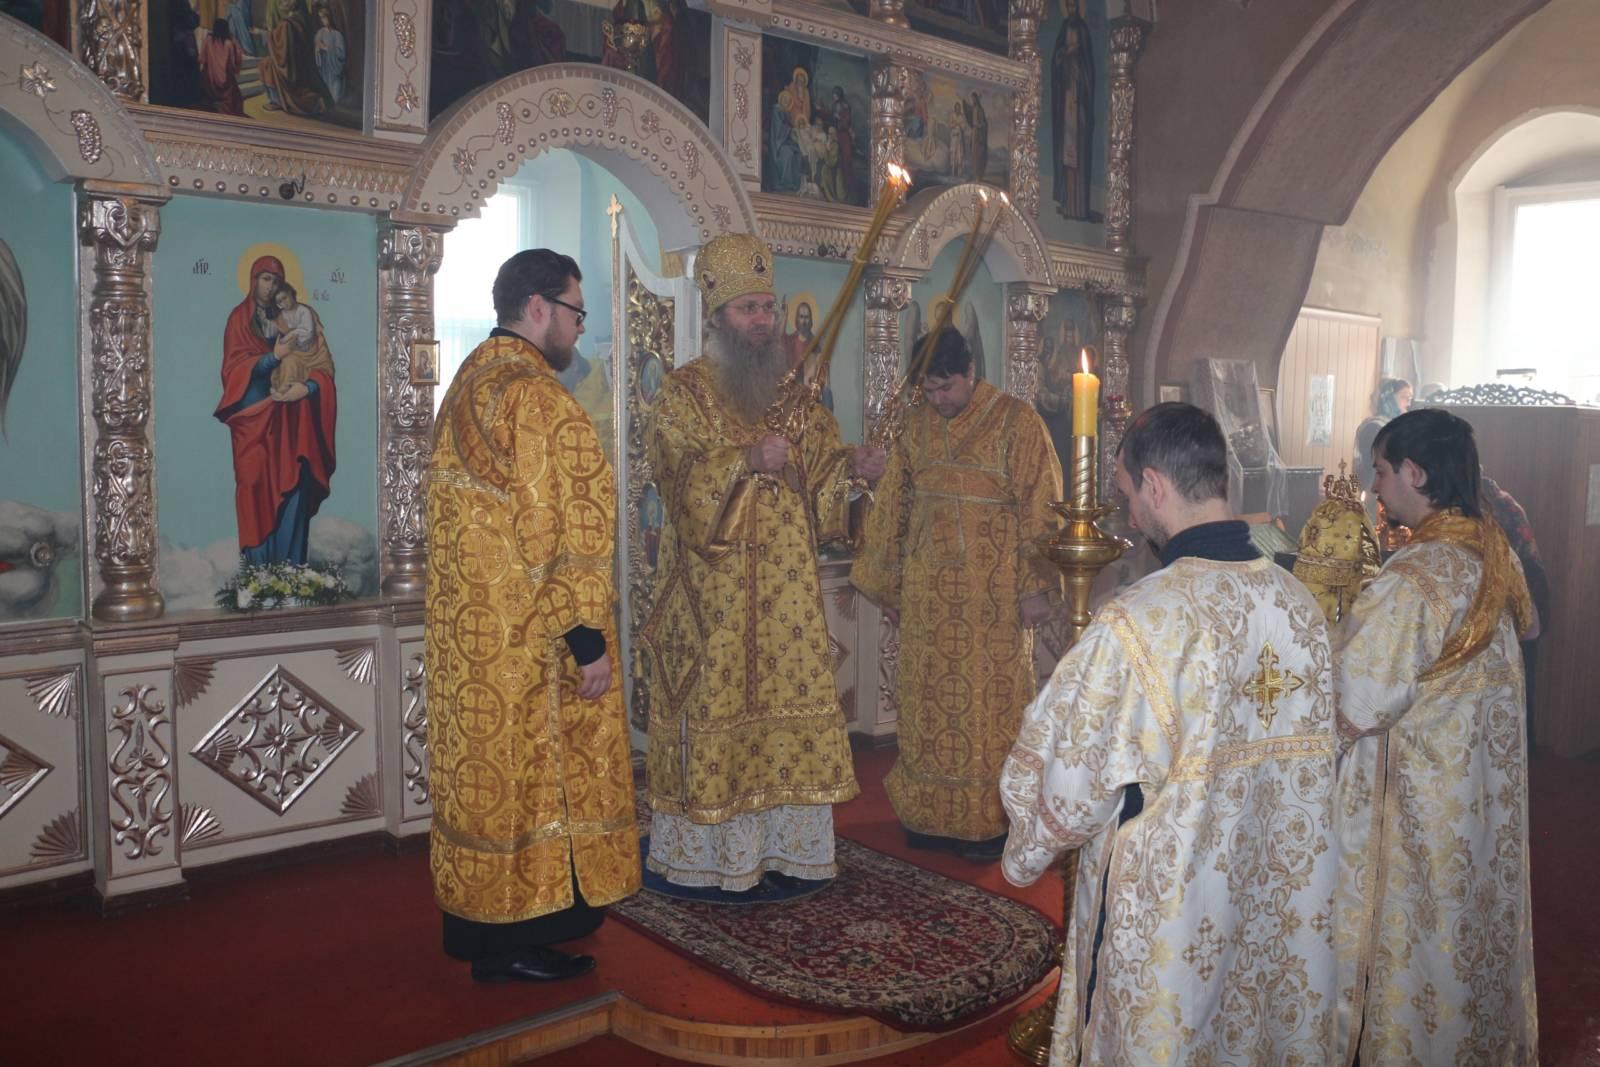 Божественная Литургия в храме Трёх Святителей села Ольховка.